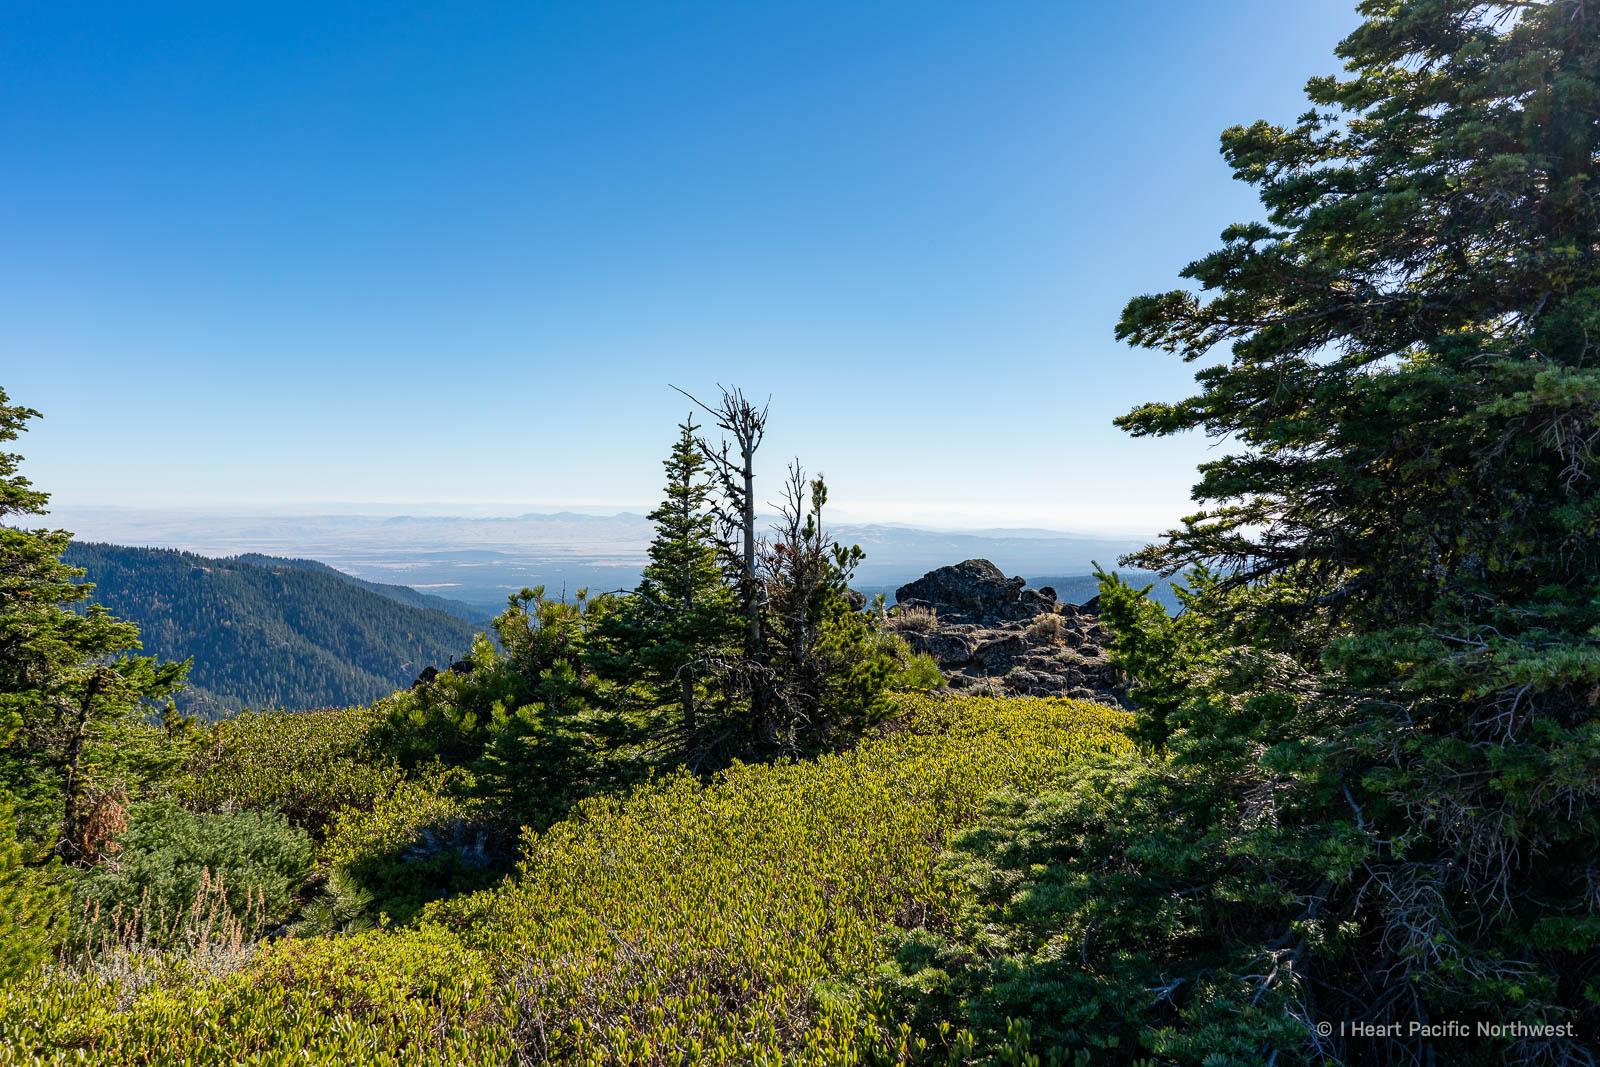 Lookout Mountain hike from Fret Creek trailhead